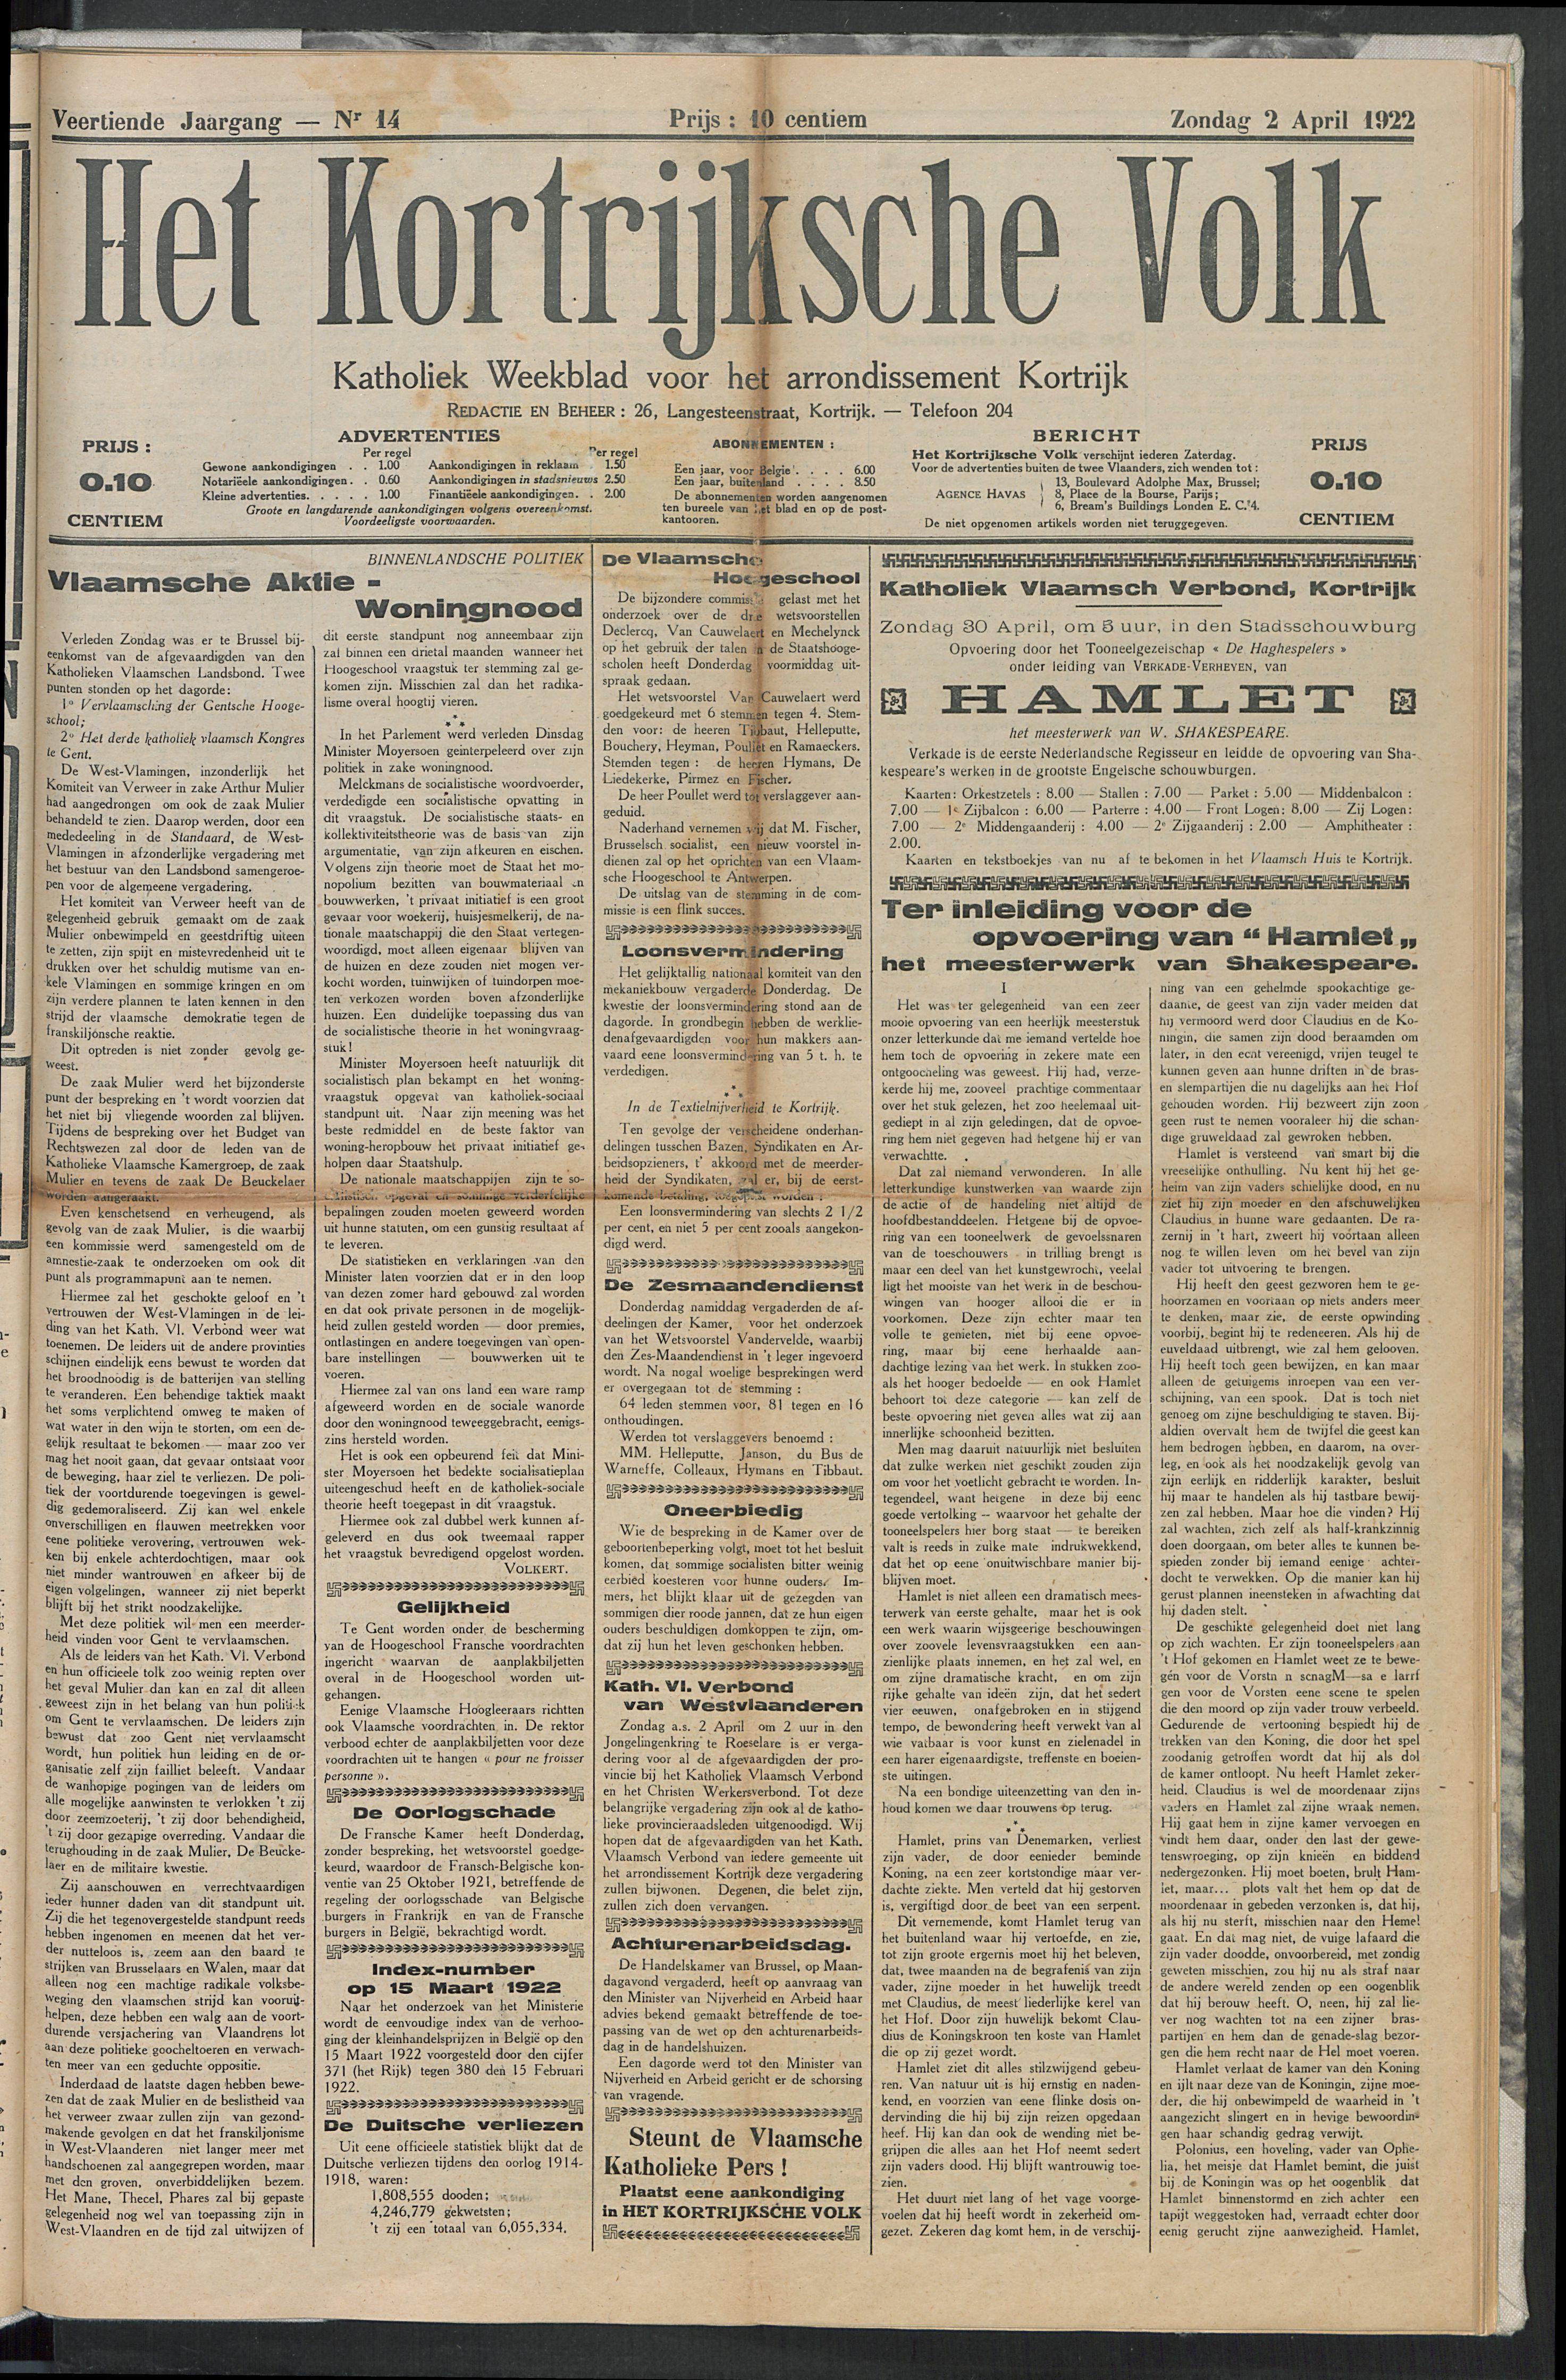 Het Kortrijksche Volk 1922-04-02 p1